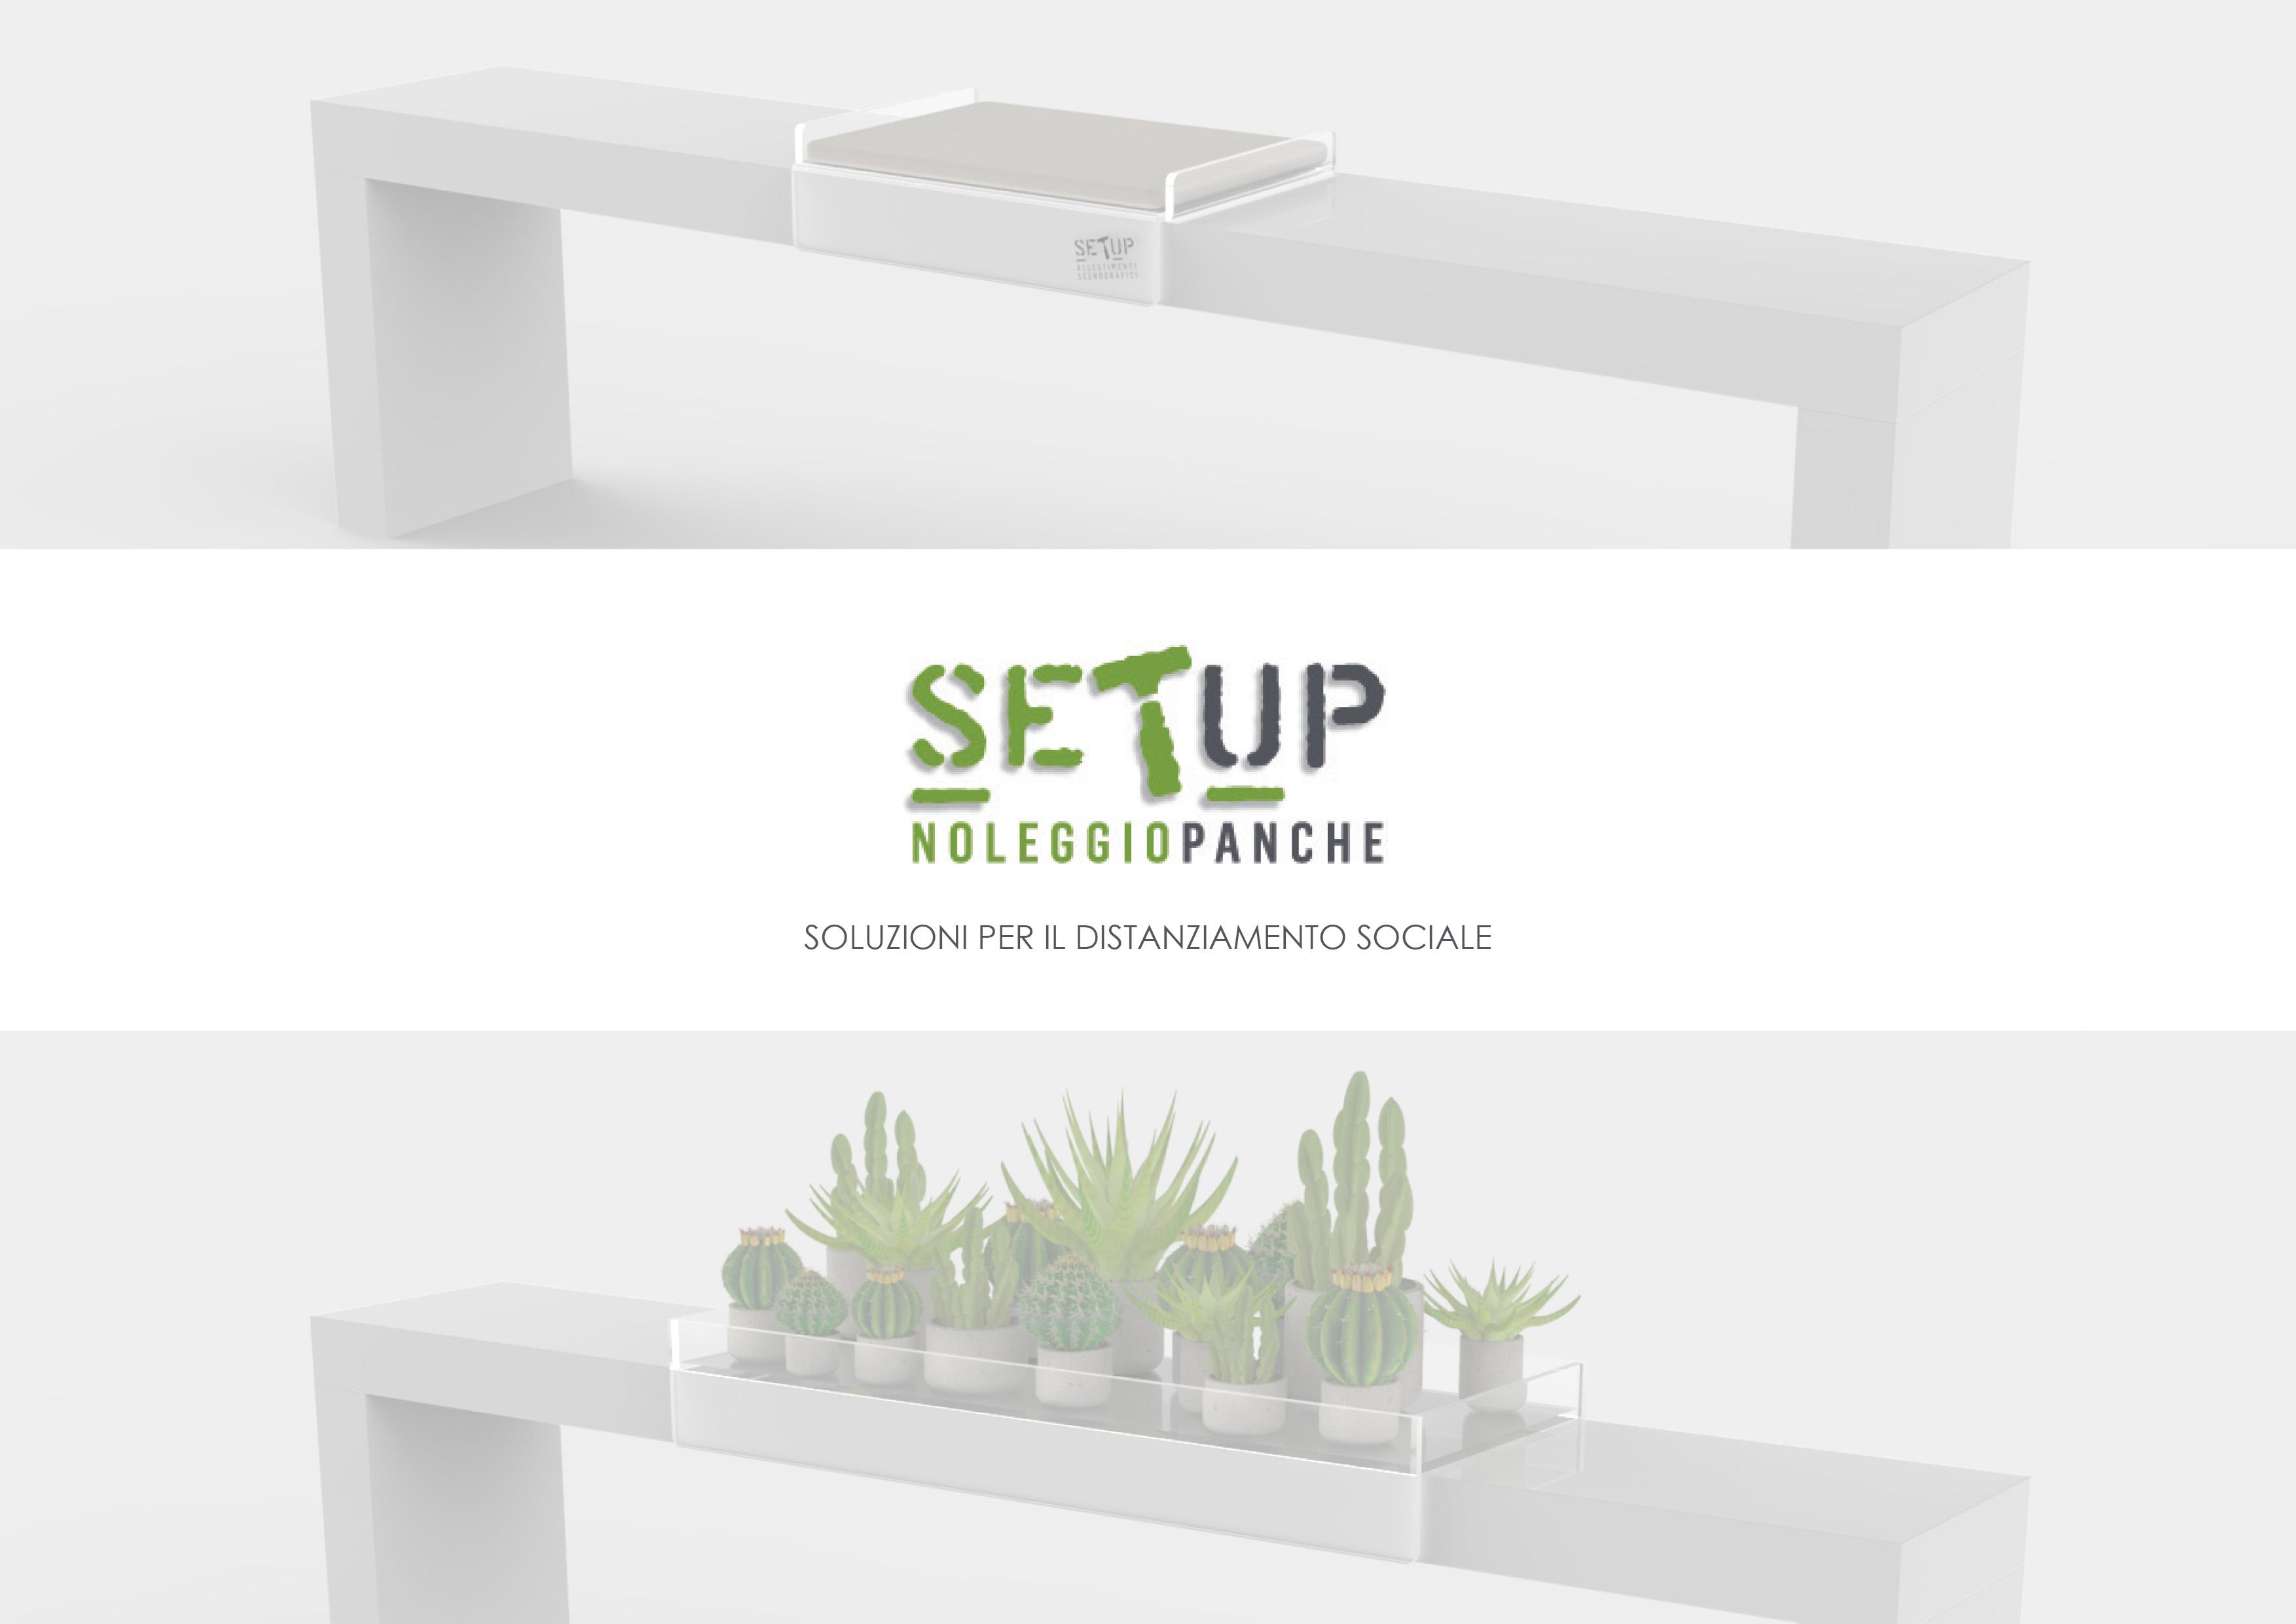 Setup_PancheCOVID19-1